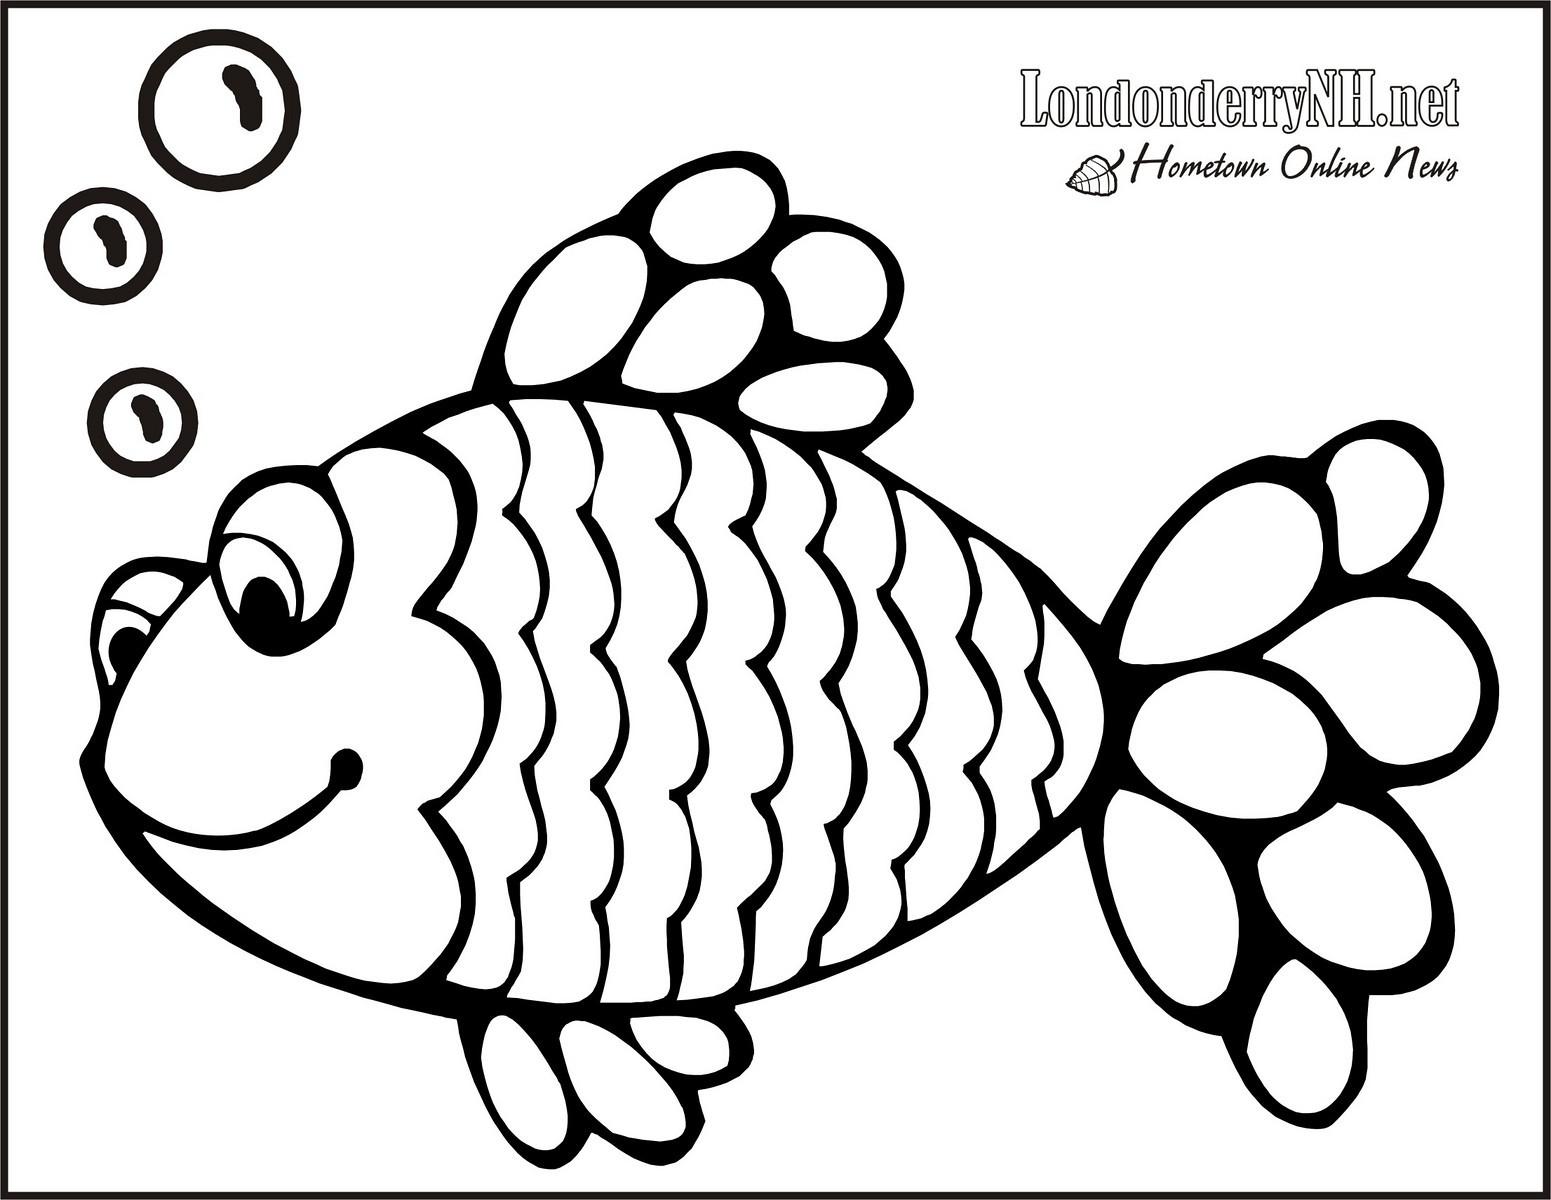 Mewarnai Ikan Nemo Mewarnai Gambar Pemandangan Mewarnai Gambar Kartun Mewarnai Gambar Masjid